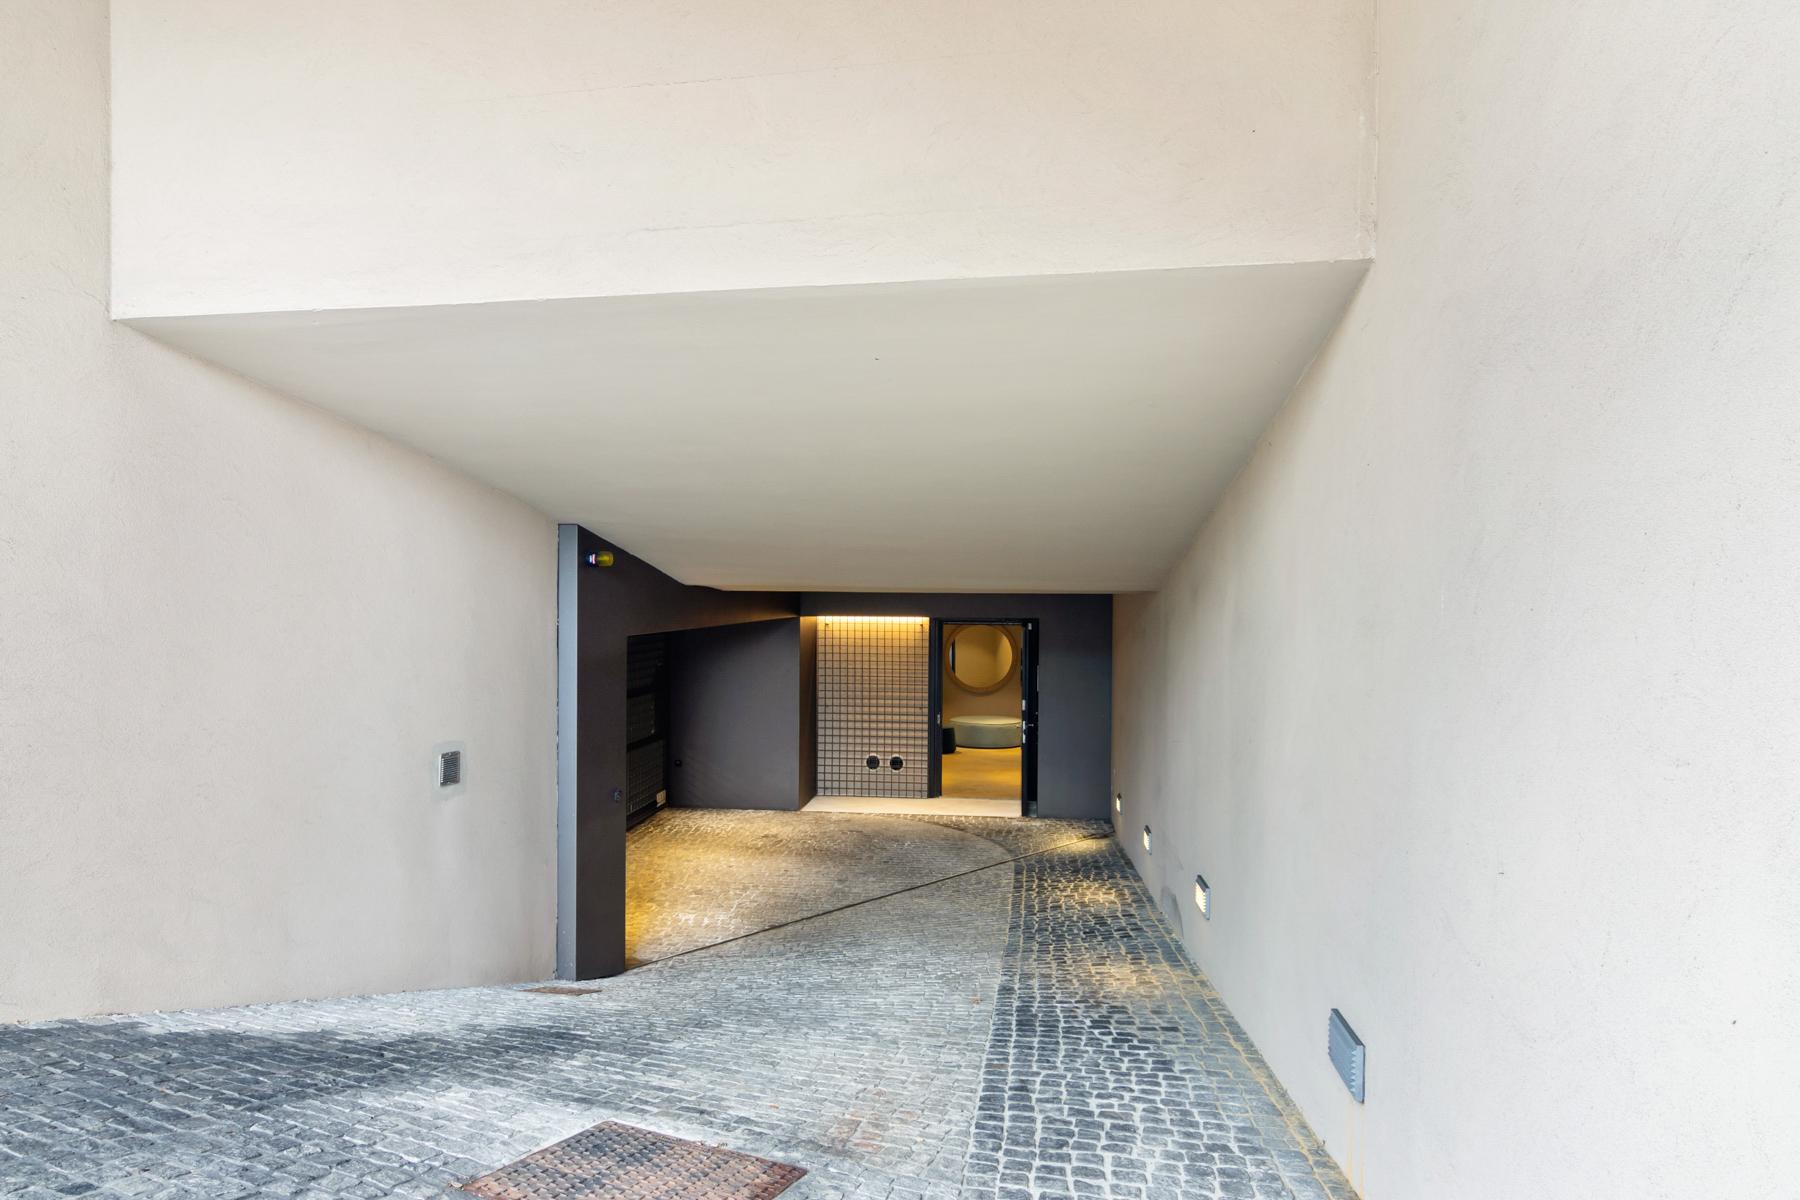 Appartamento in Vendita a Santa Margherita Ligure: 4 locali, 124 mq - Foto 13